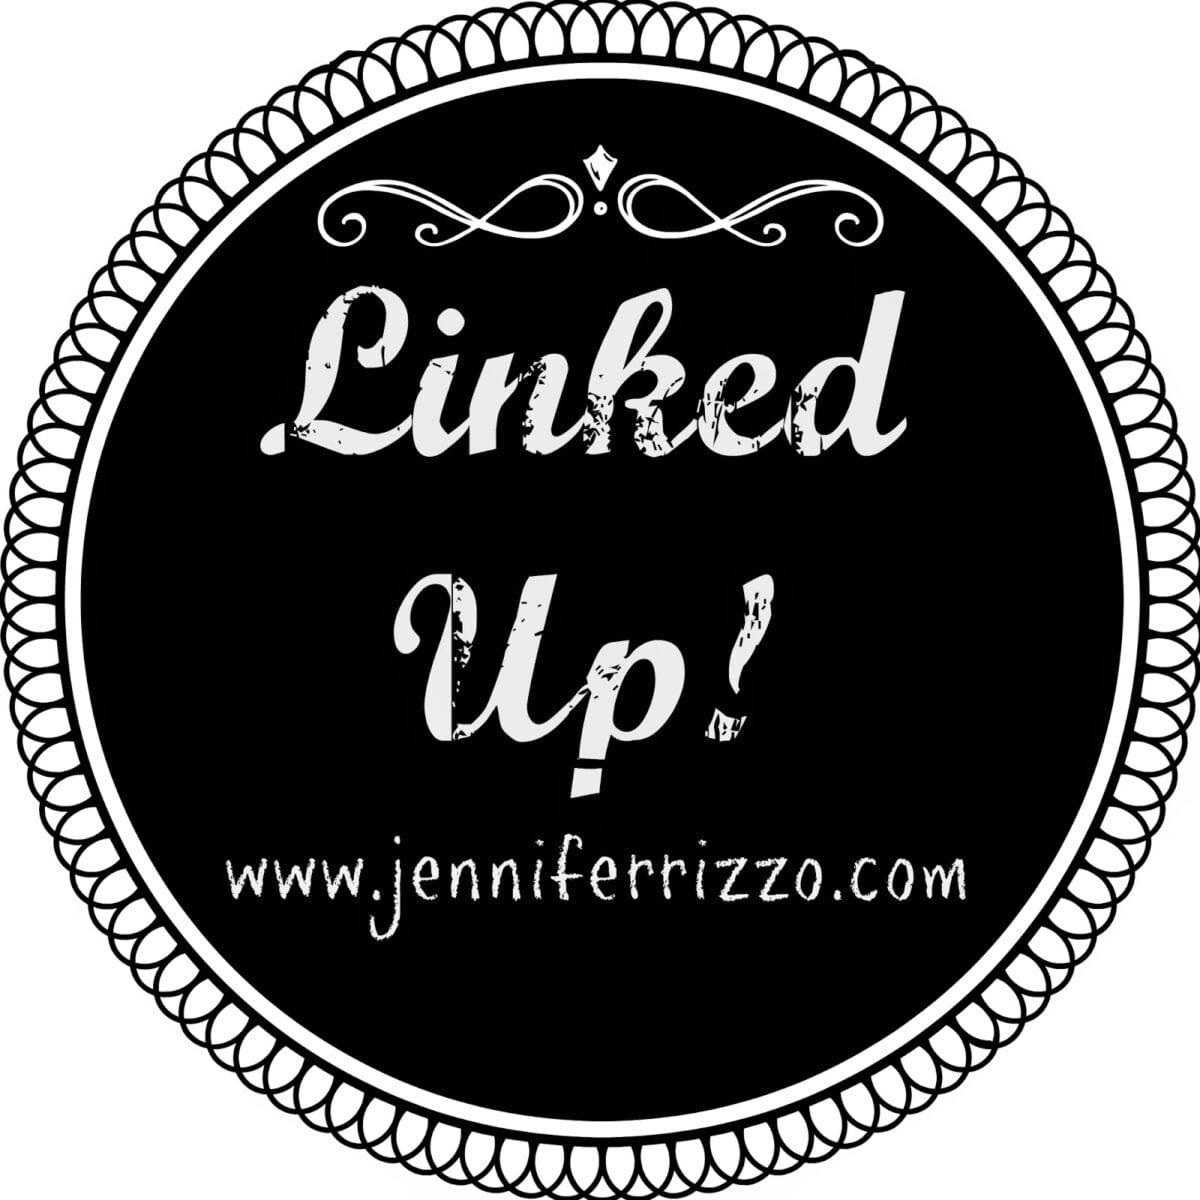 http://www.jenniferrizzo.com